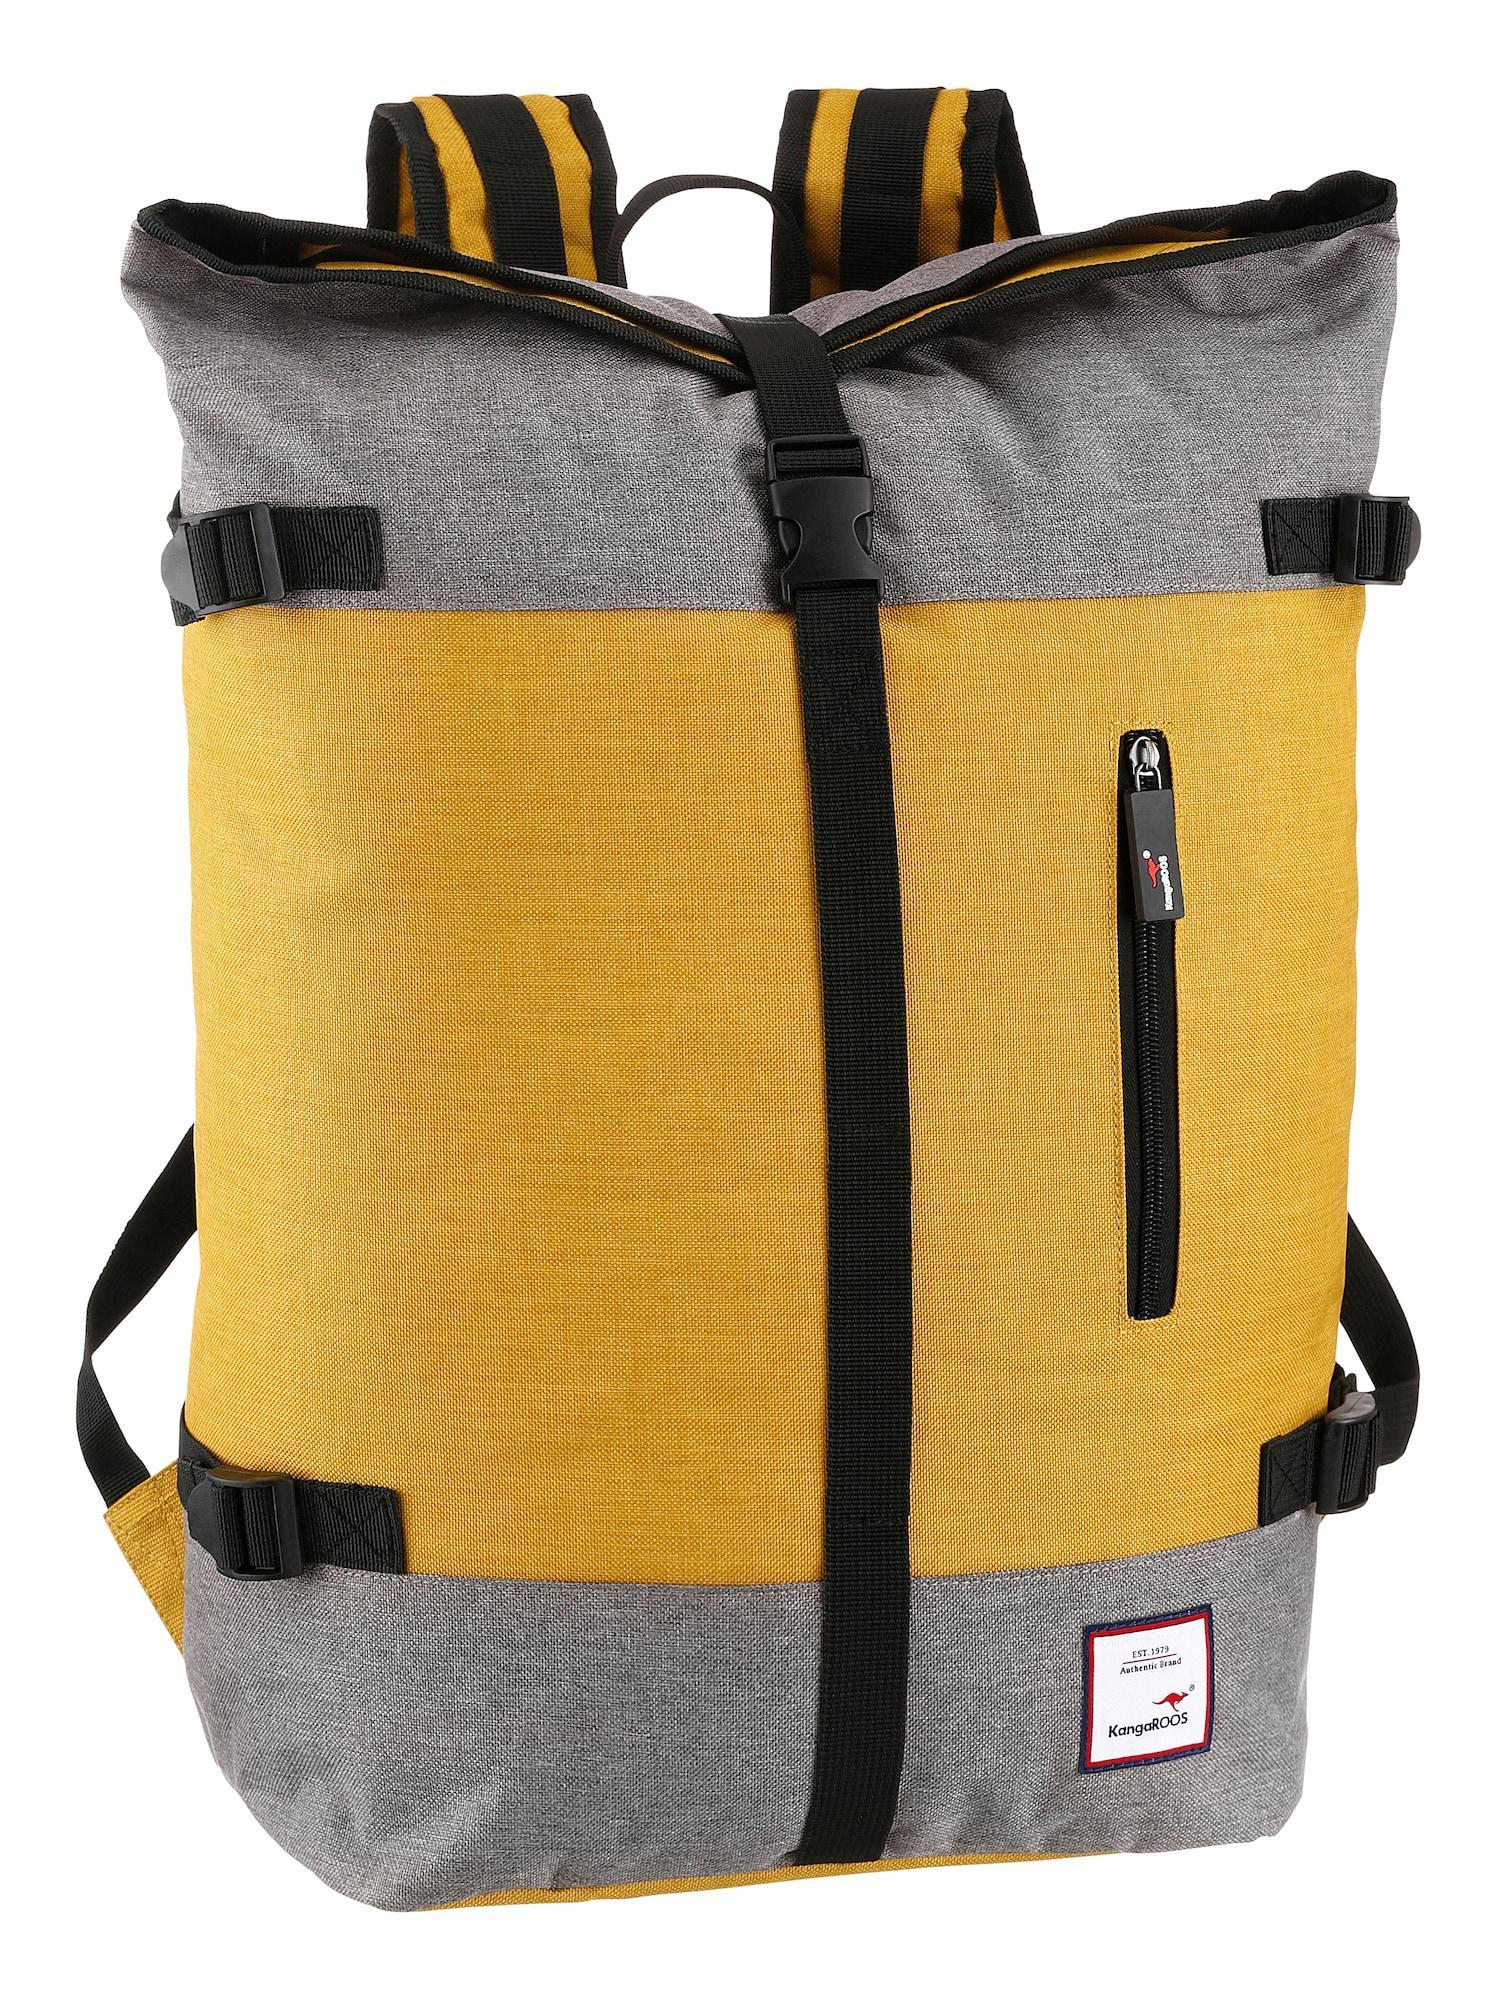 KangaROOS Rucksack gelb / grau